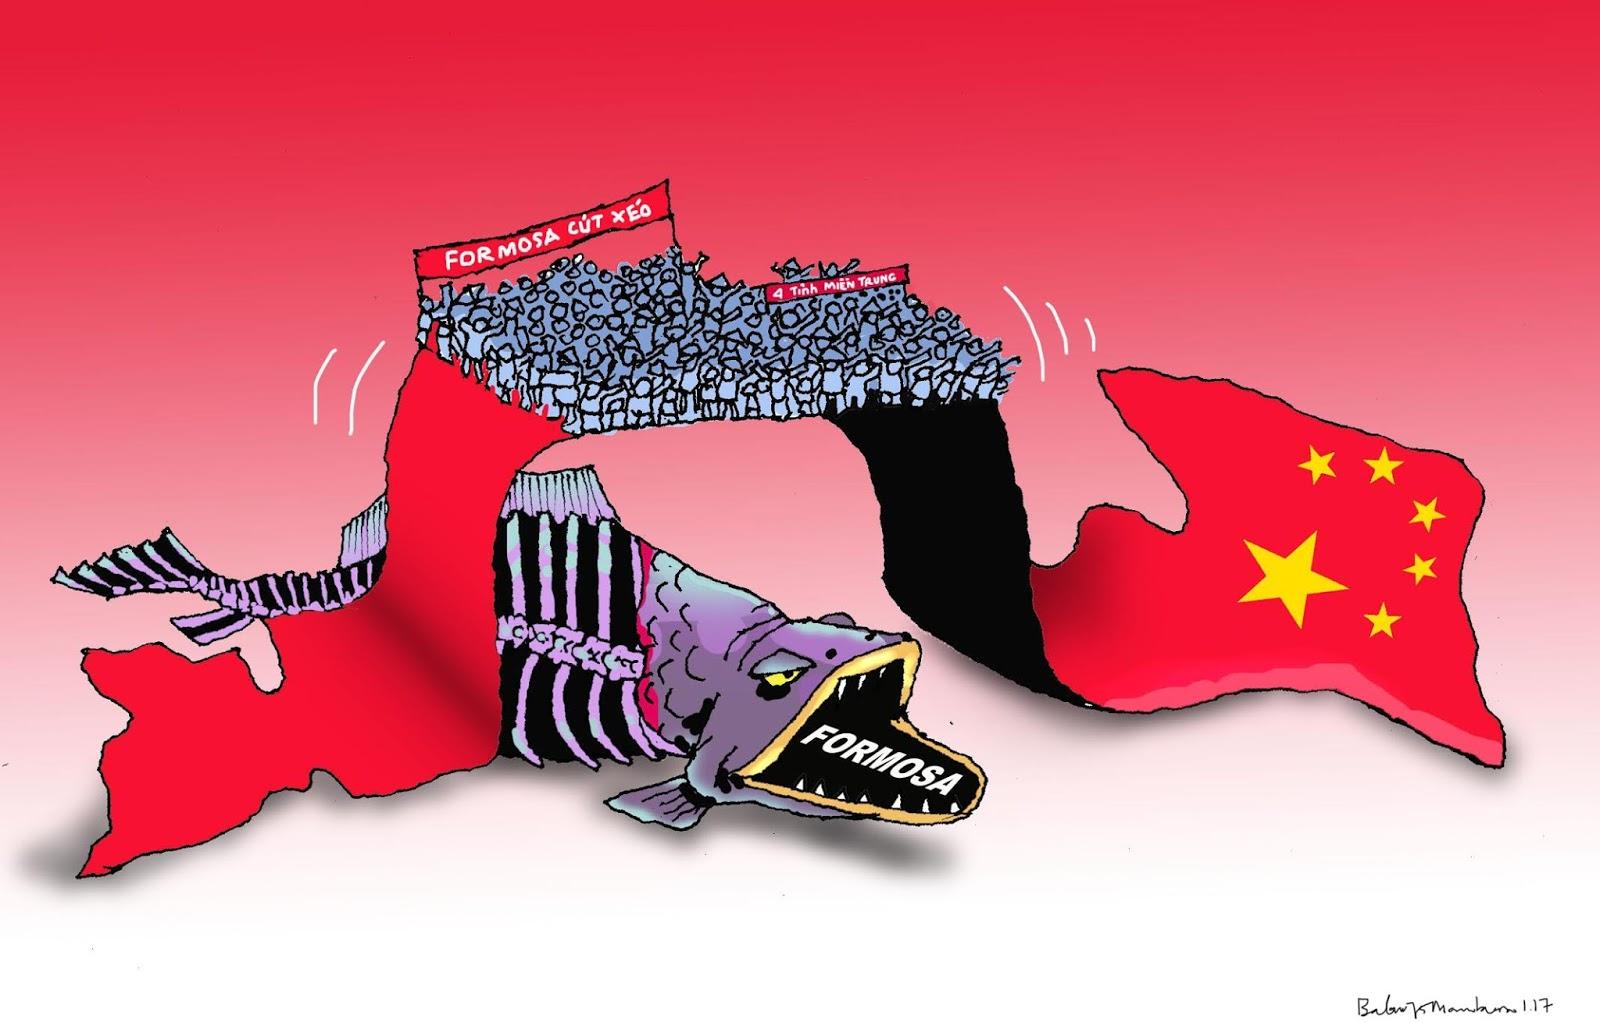 Bốn tỉnh Miền Trung đang thức còn cả nước đang ngủ